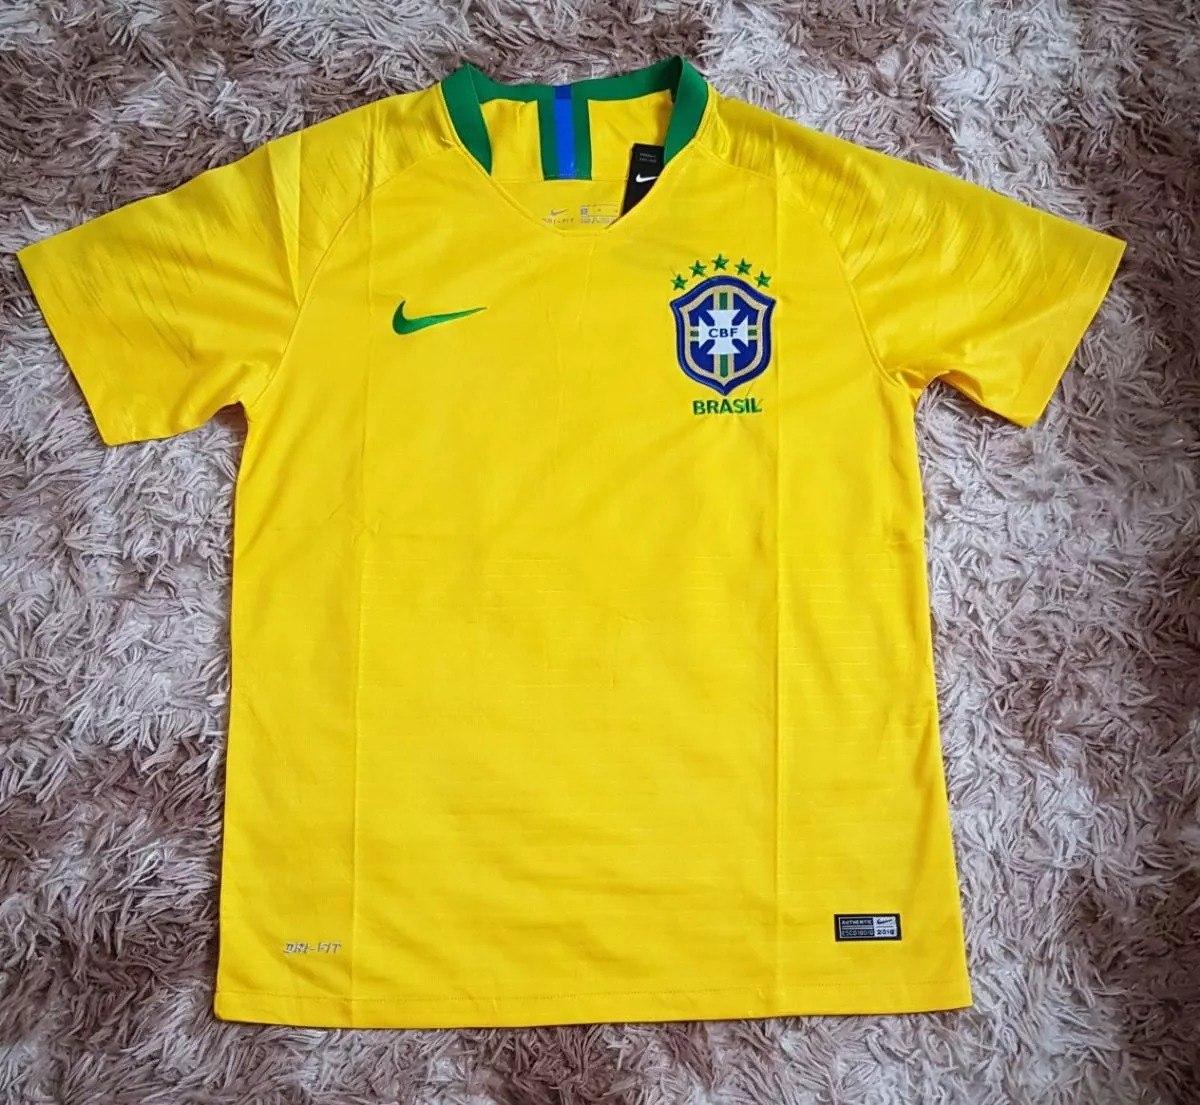 camisa futebol seleção brasileira oficial 2018 liquidação. Carregando zoom. 2a780abac721b